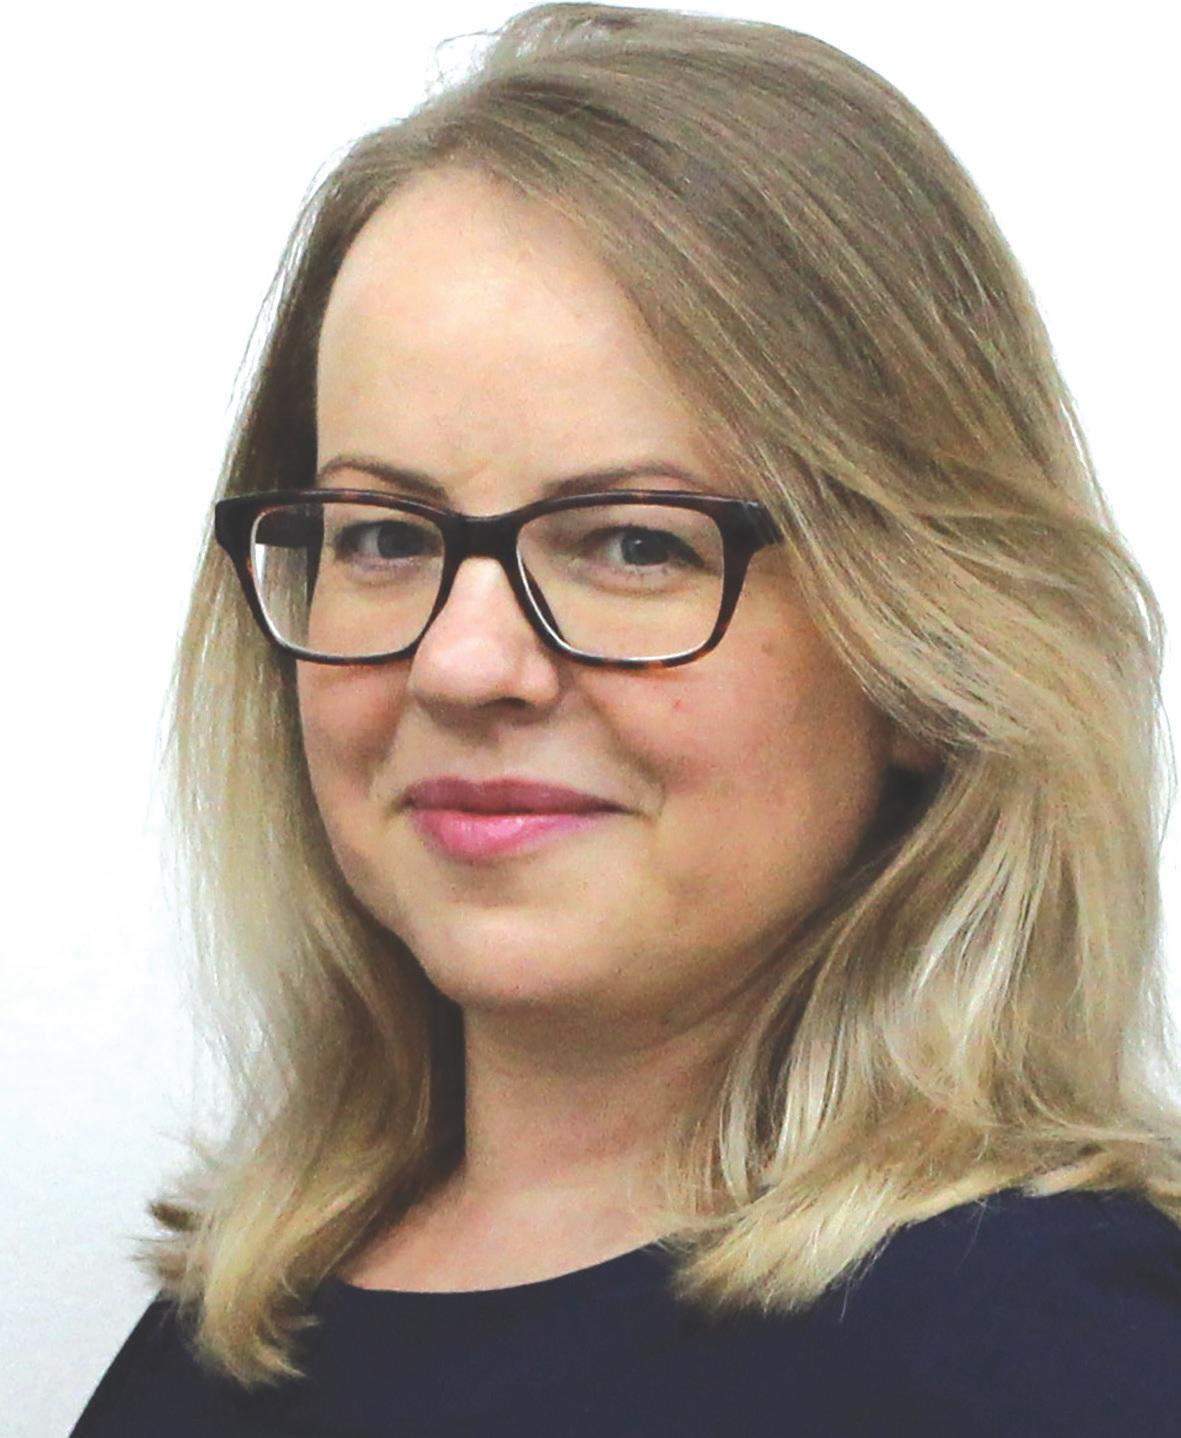 Lietuvos masažuotojų asociacijos vadovė Giedrė Paunksnienė.